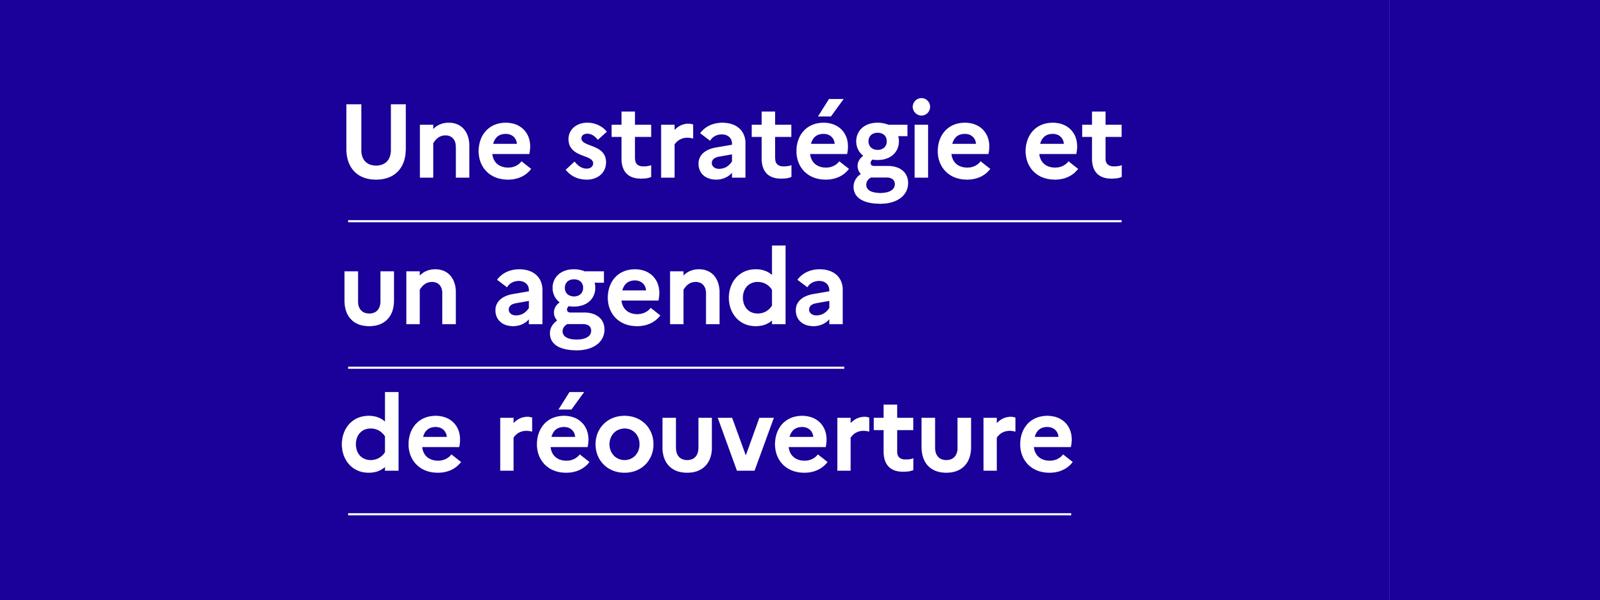 Covid-19 : Stratégie et un agenda de réouverture